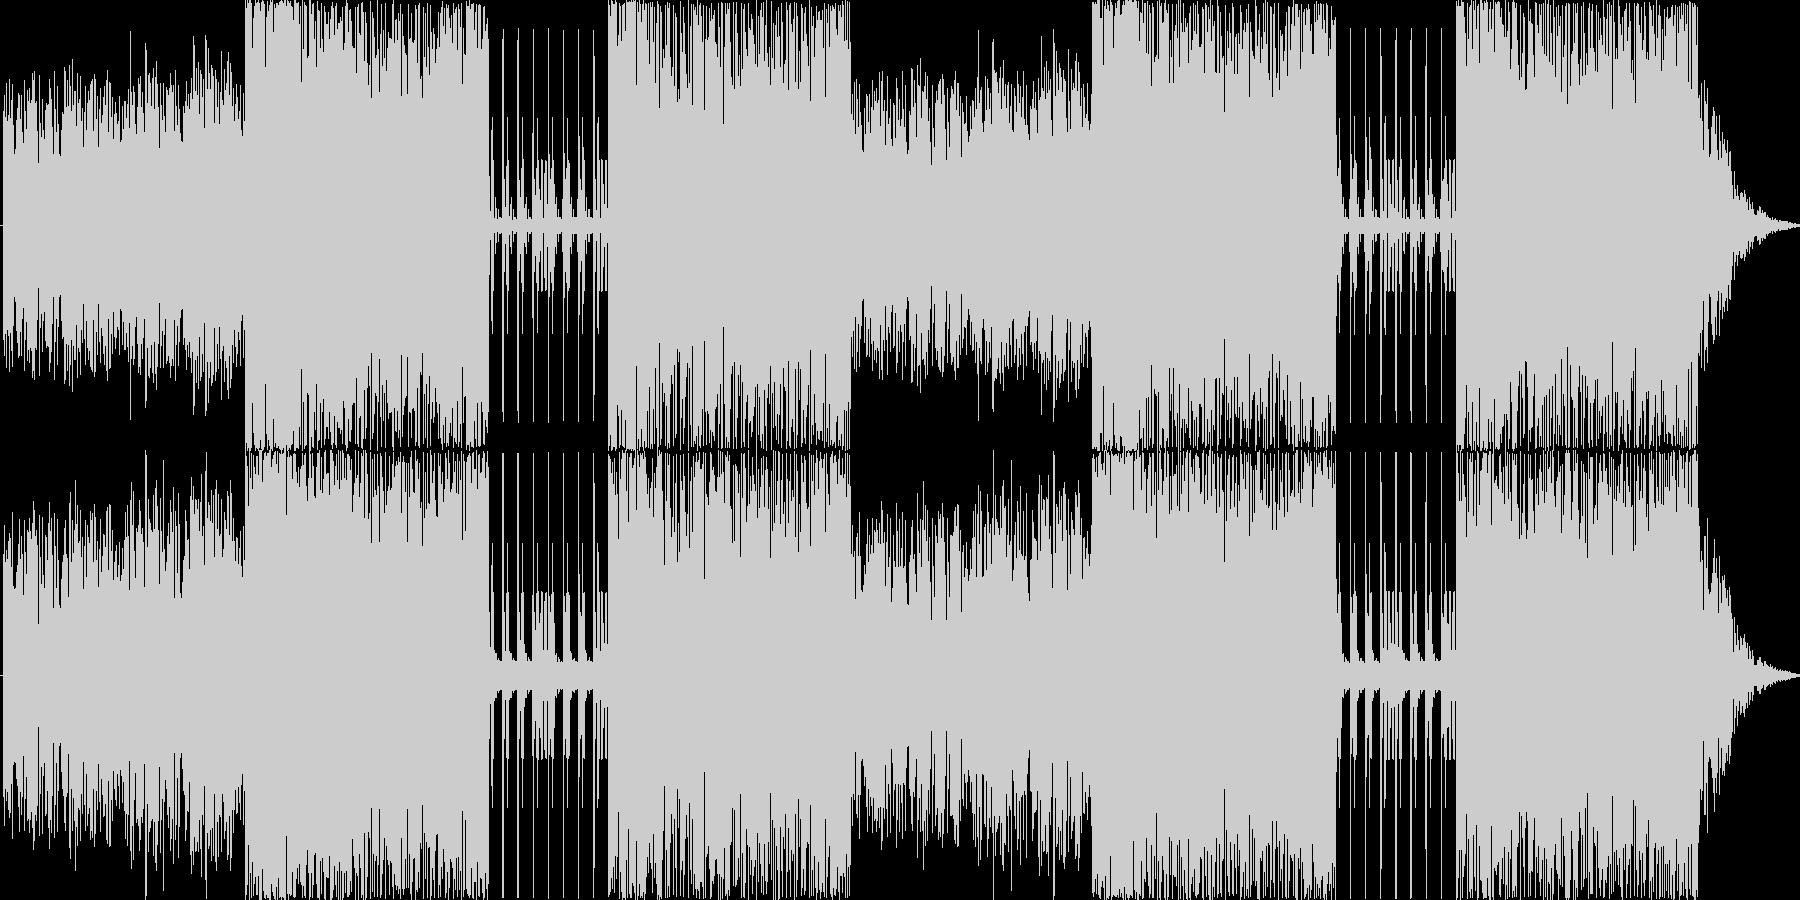 シンセを使用した非日常っぽい雰囲気の曲…の未再生の波形